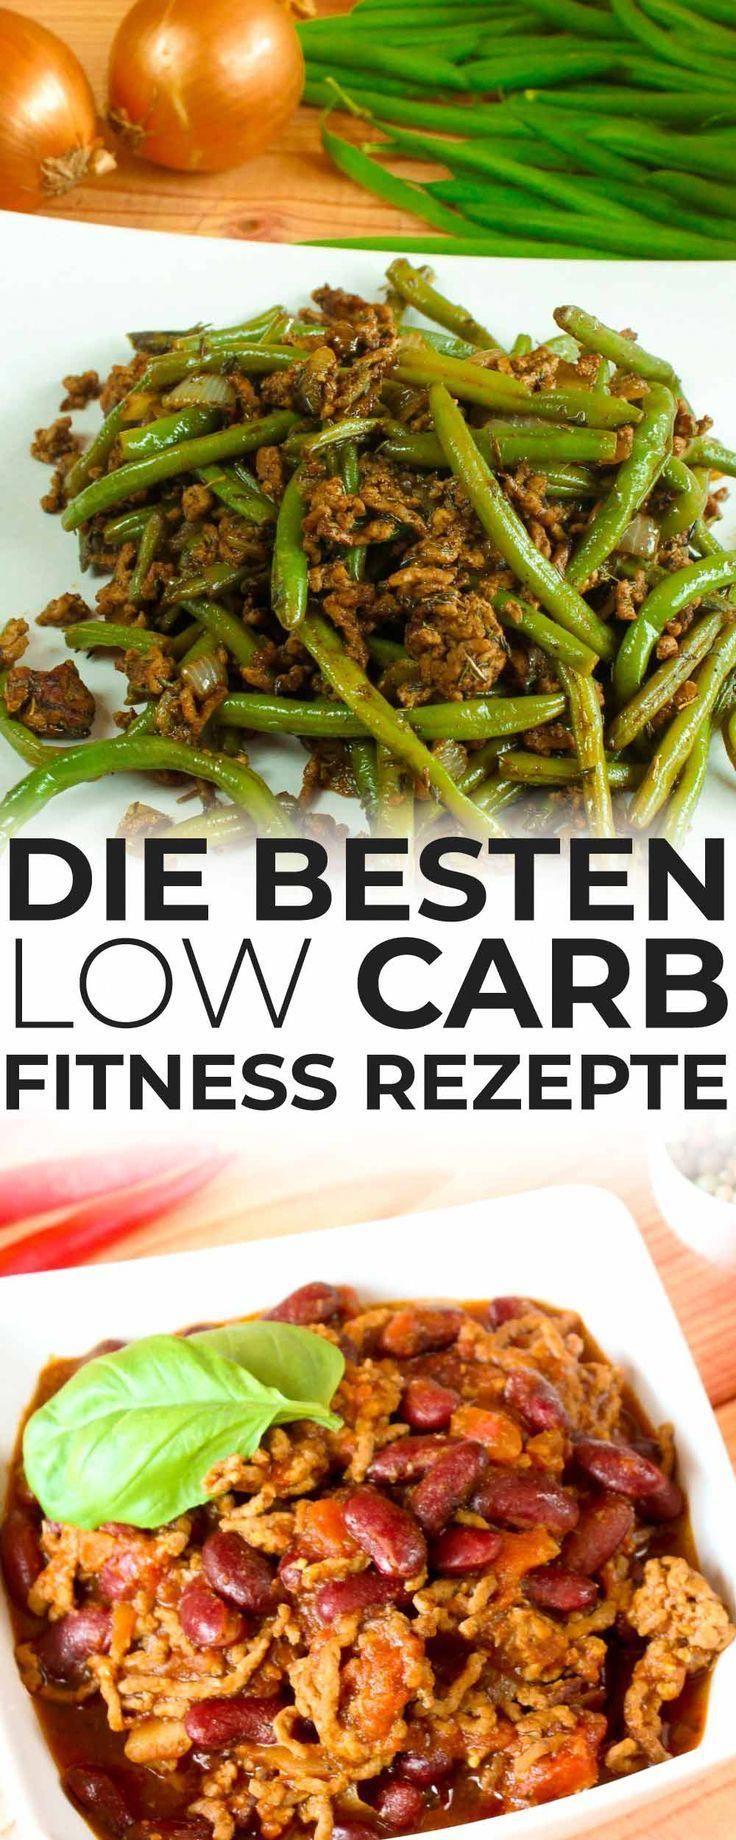 #besten #Carb #Die #Fitness #Für #Muskelaufbau #optimalen #Rezepte Die 13 Besten Fitness Rezepte für...